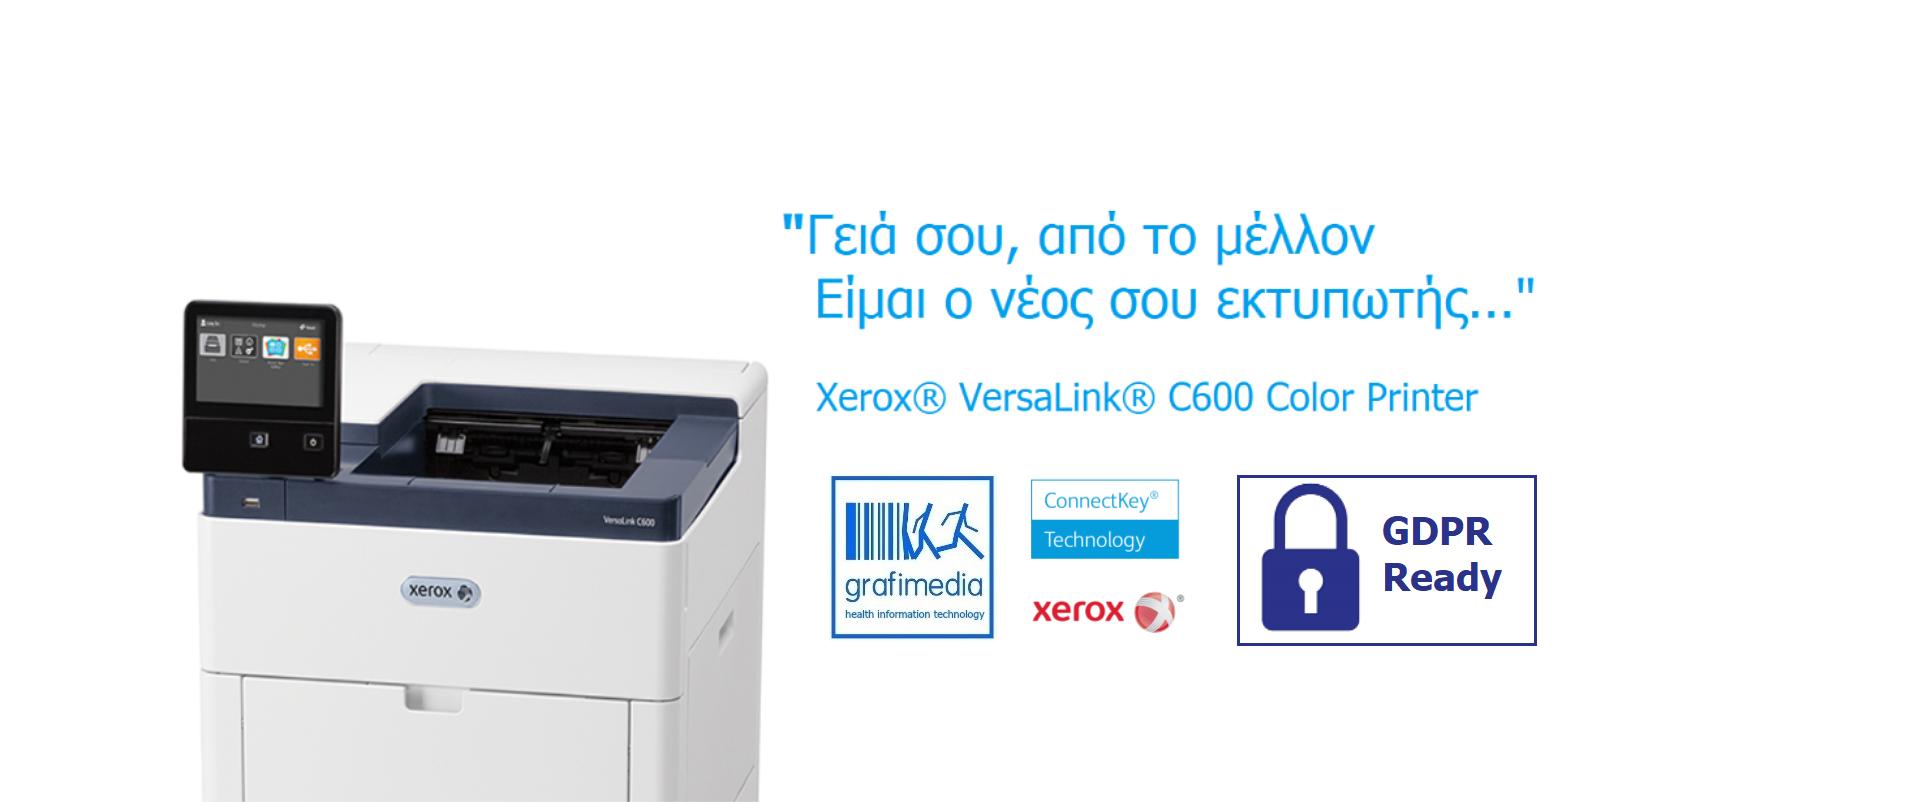 Ψηφιακές Ιατρικές Εκτυπώσεις από τη Grafimedia και την Xerox με τον VersaLink Printer C600